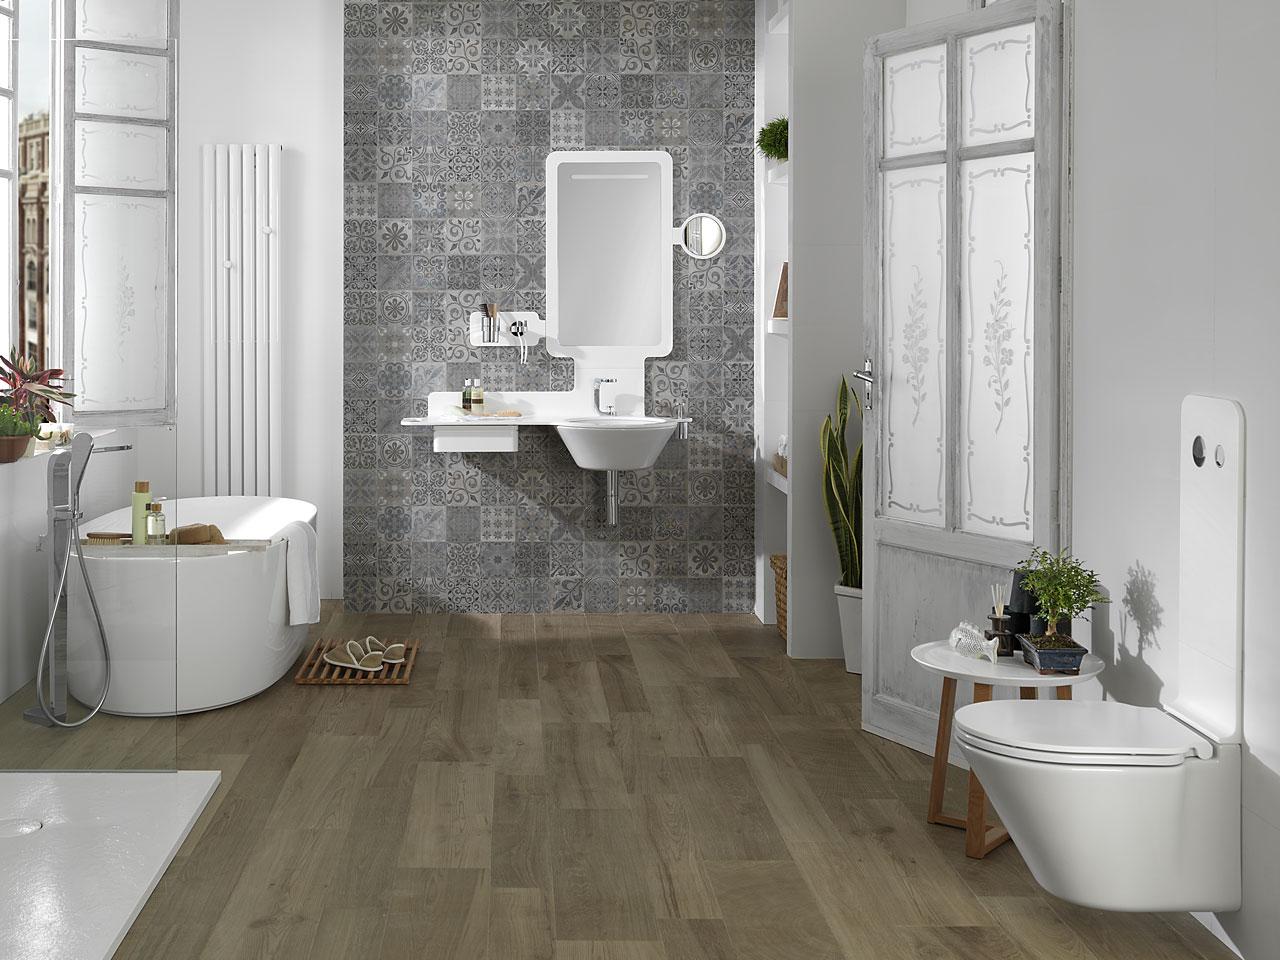 Bathrooms - Banos rusticos azulejos ...